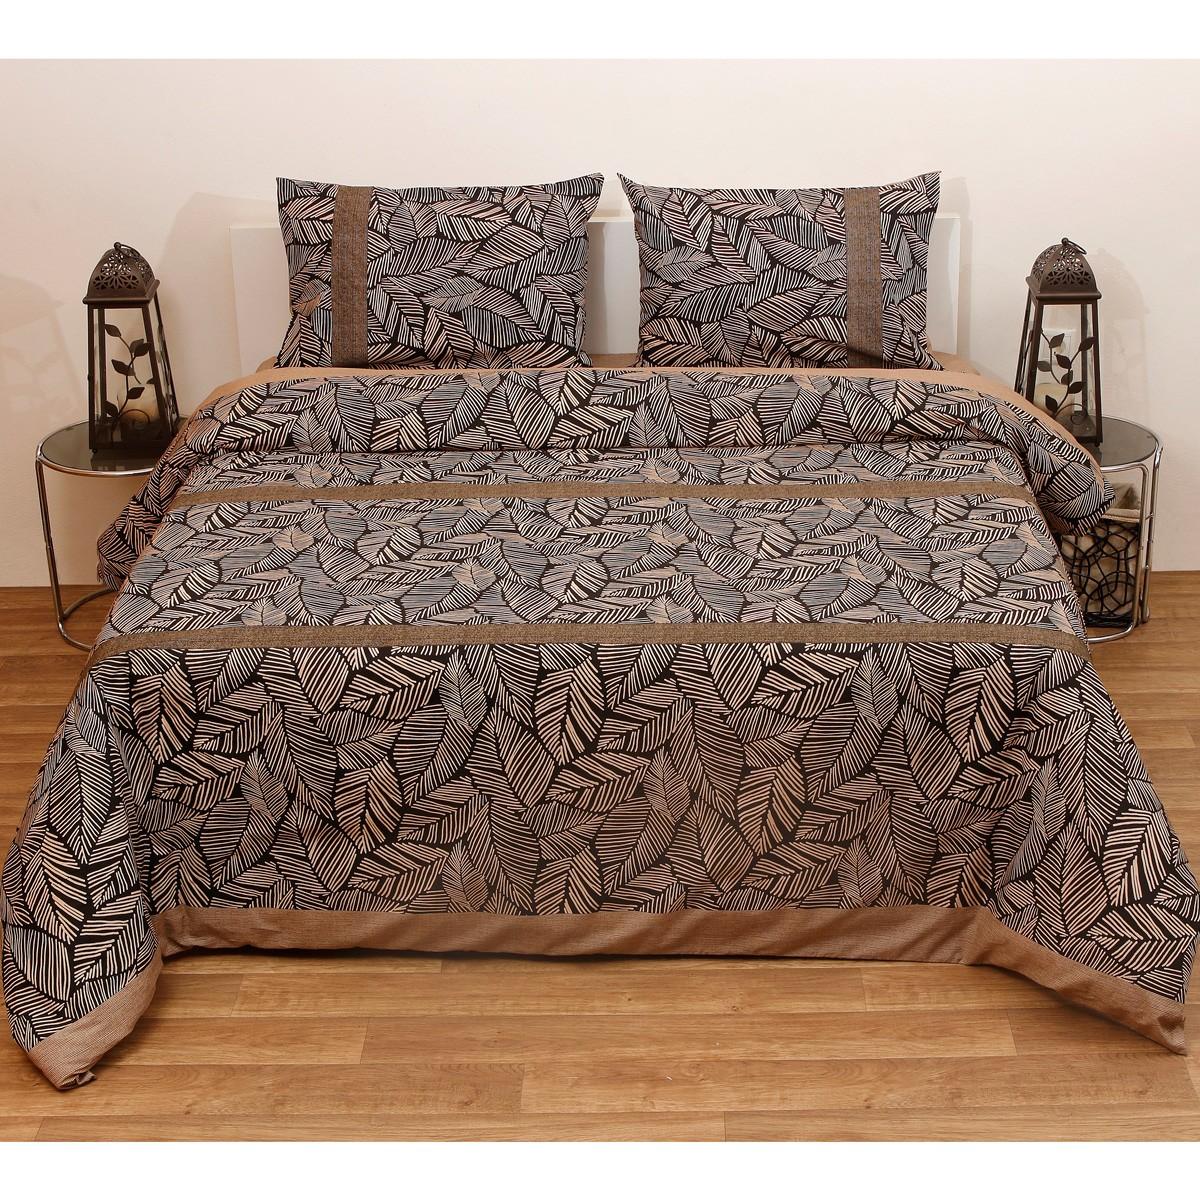 Κουβερλί Ημίδιπλο (Σετ) Viopros Fresh Μέλανι home   κρεβατοκάμαρα   κουβερλί   κουβερλί ημίδιπλα   διπλά